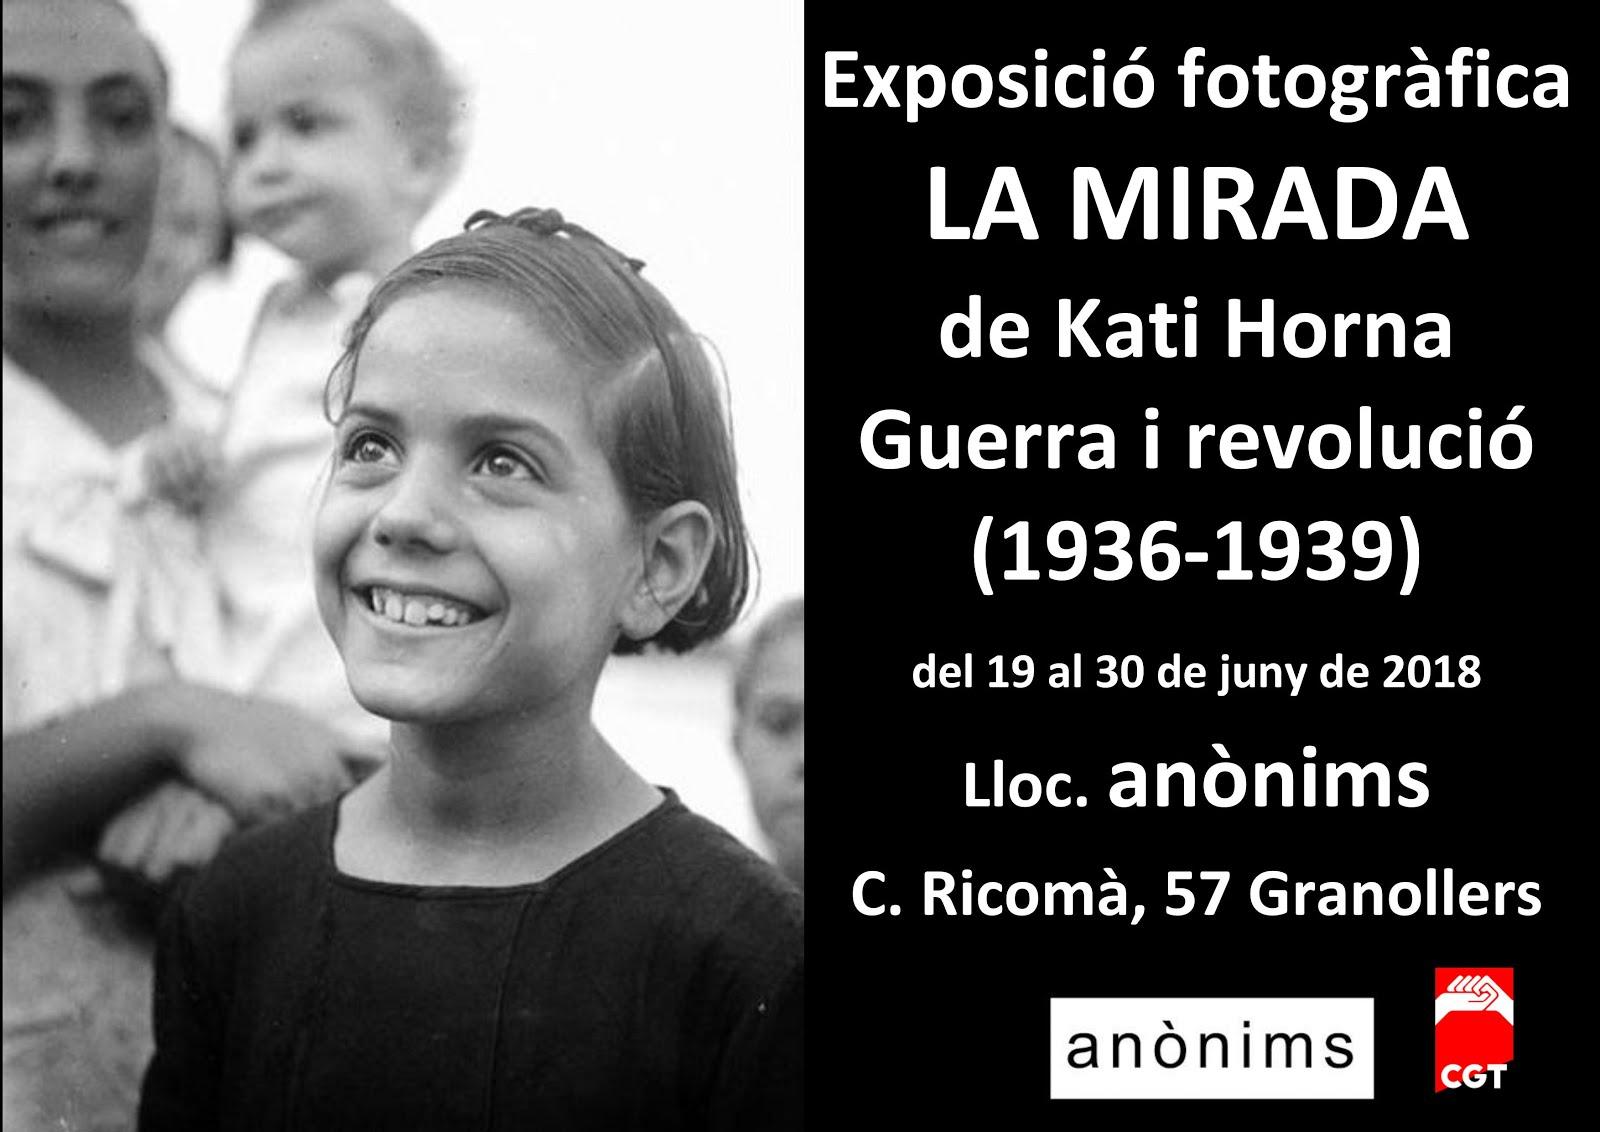 Exposició fotogràfica LA MIRADA de Kati Horna Guerra i revolució (1936-1939)